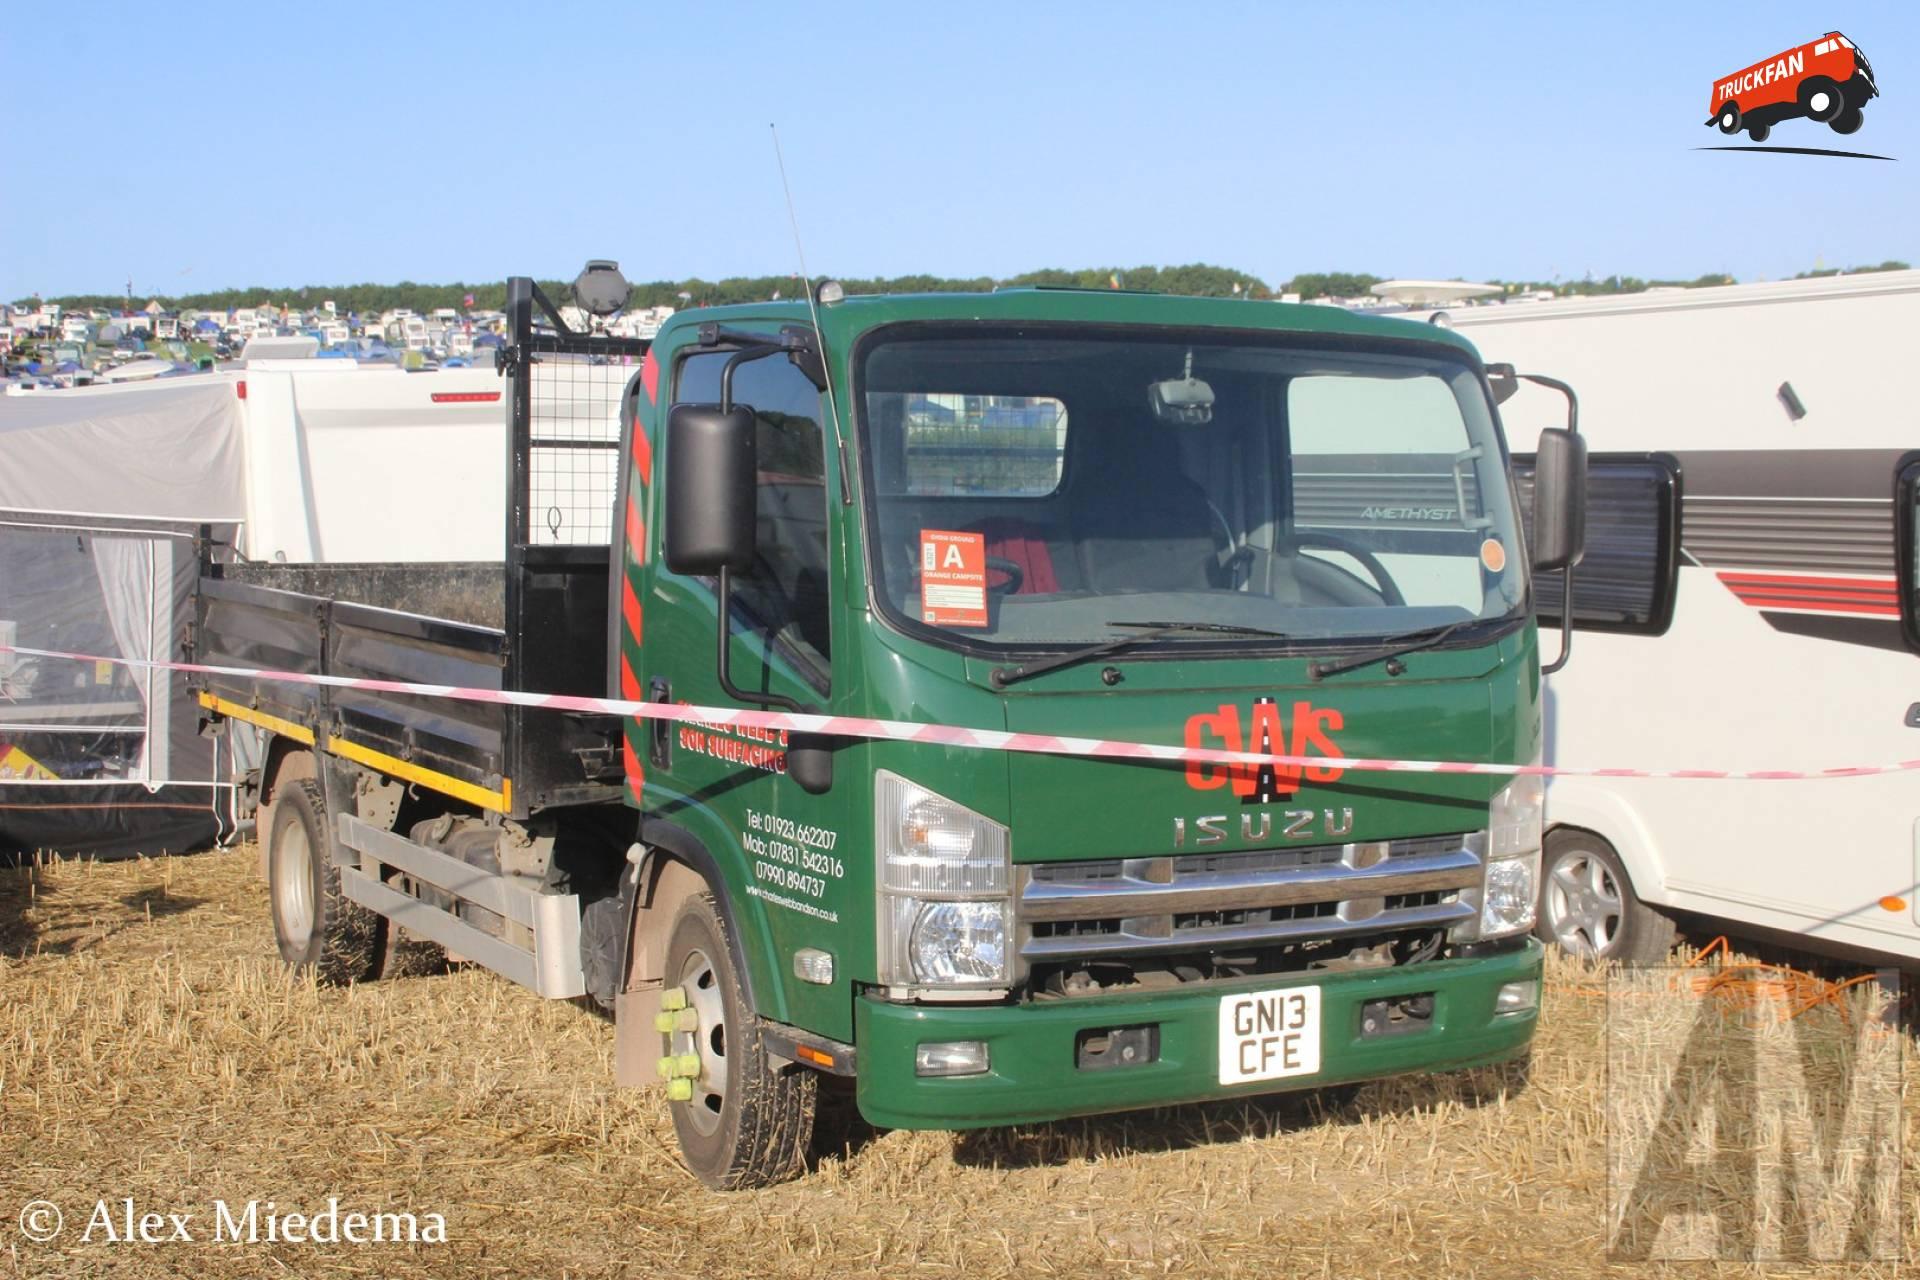 Isuzu N-serie